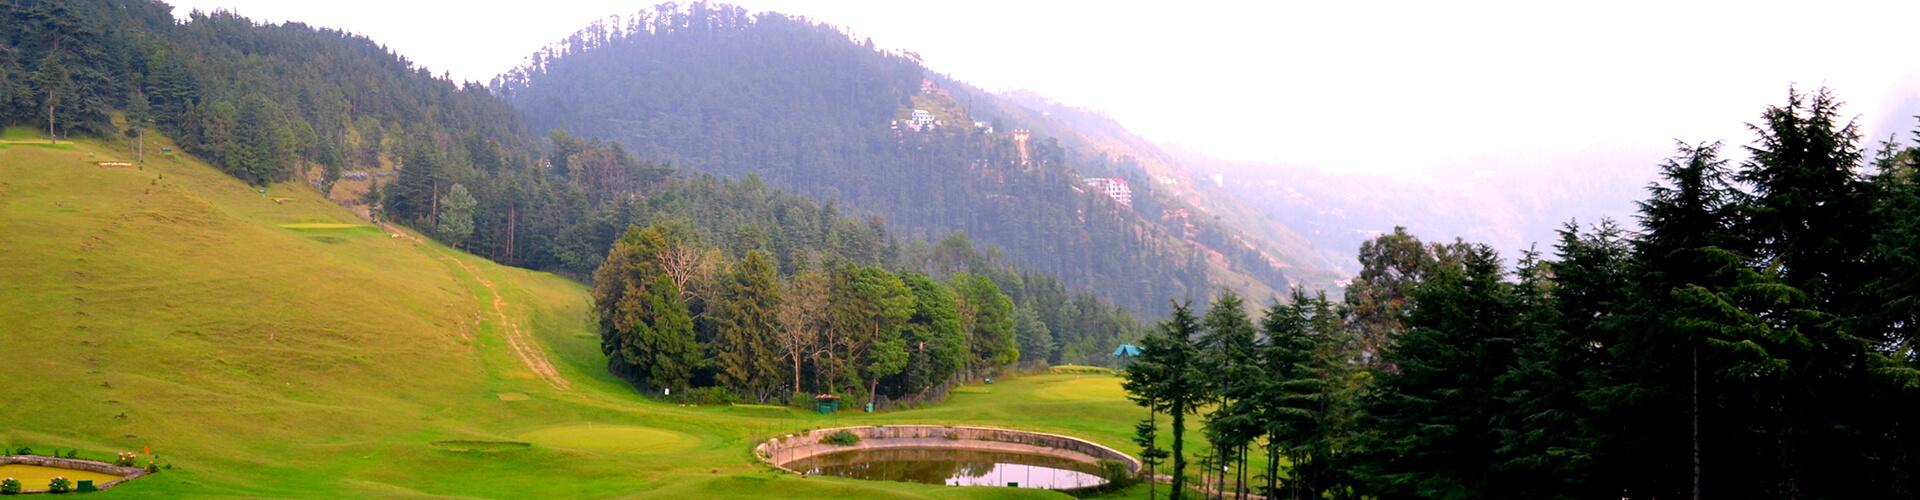 naldehra-shimla